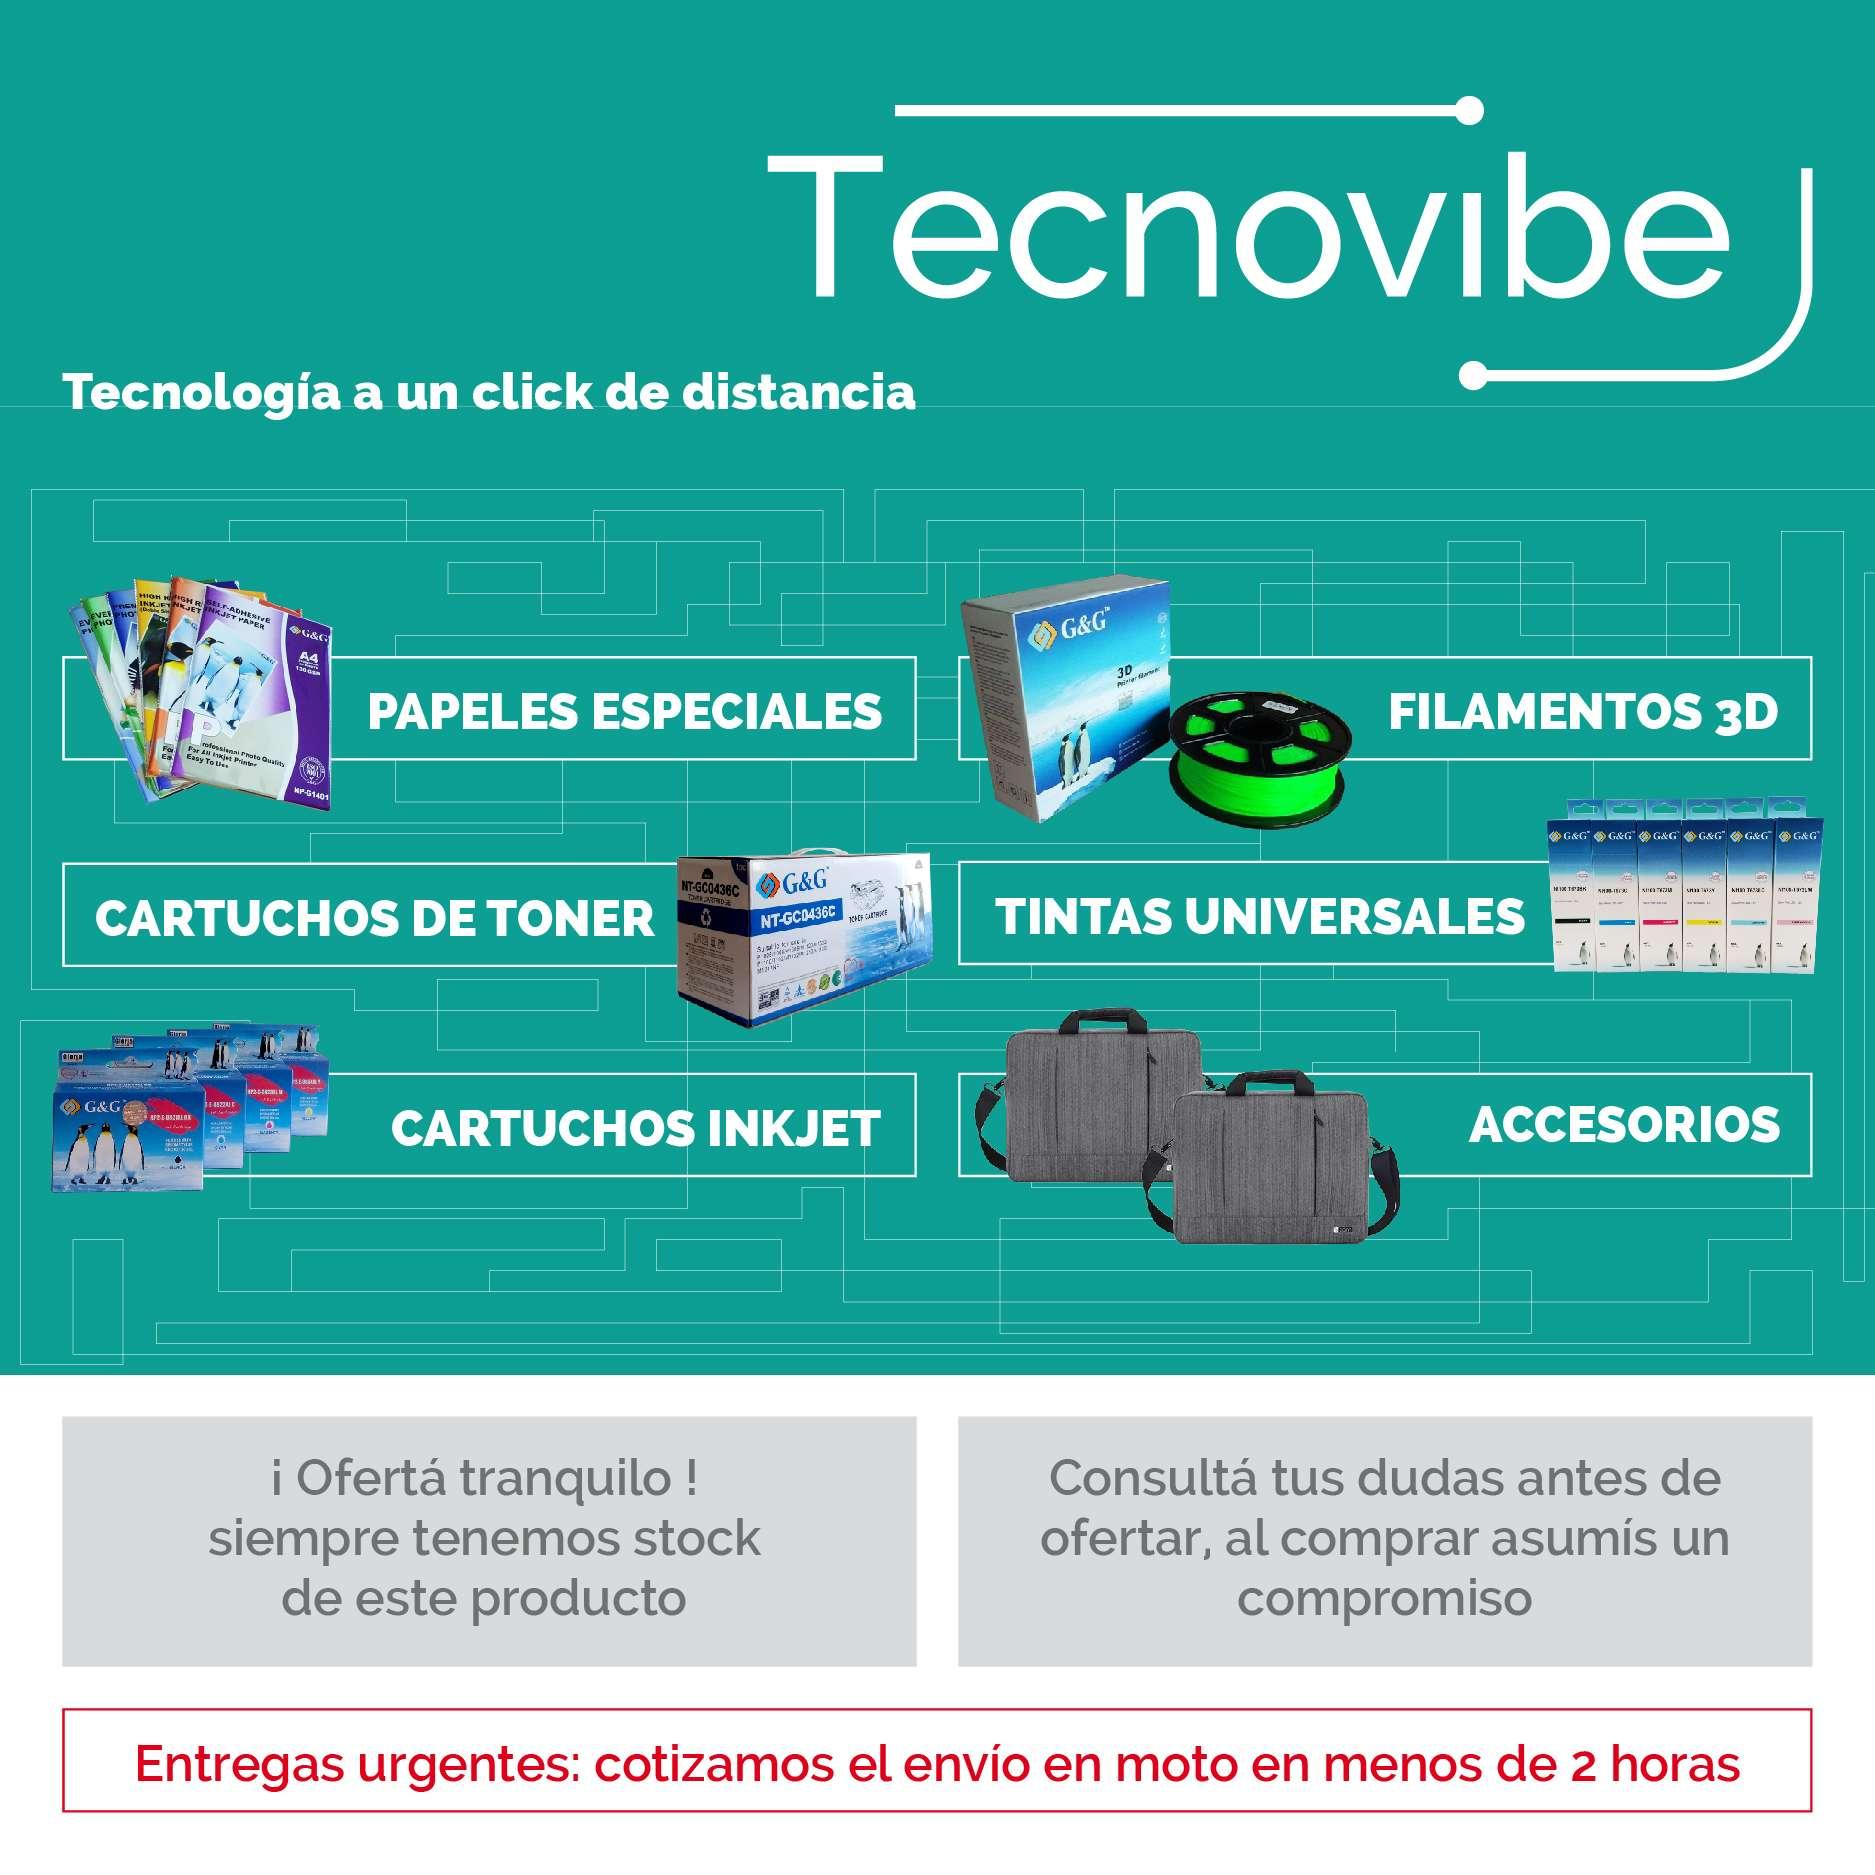 TECNOVIBE - TECNOLOGIA A UN CLICK DE DISTANCIA